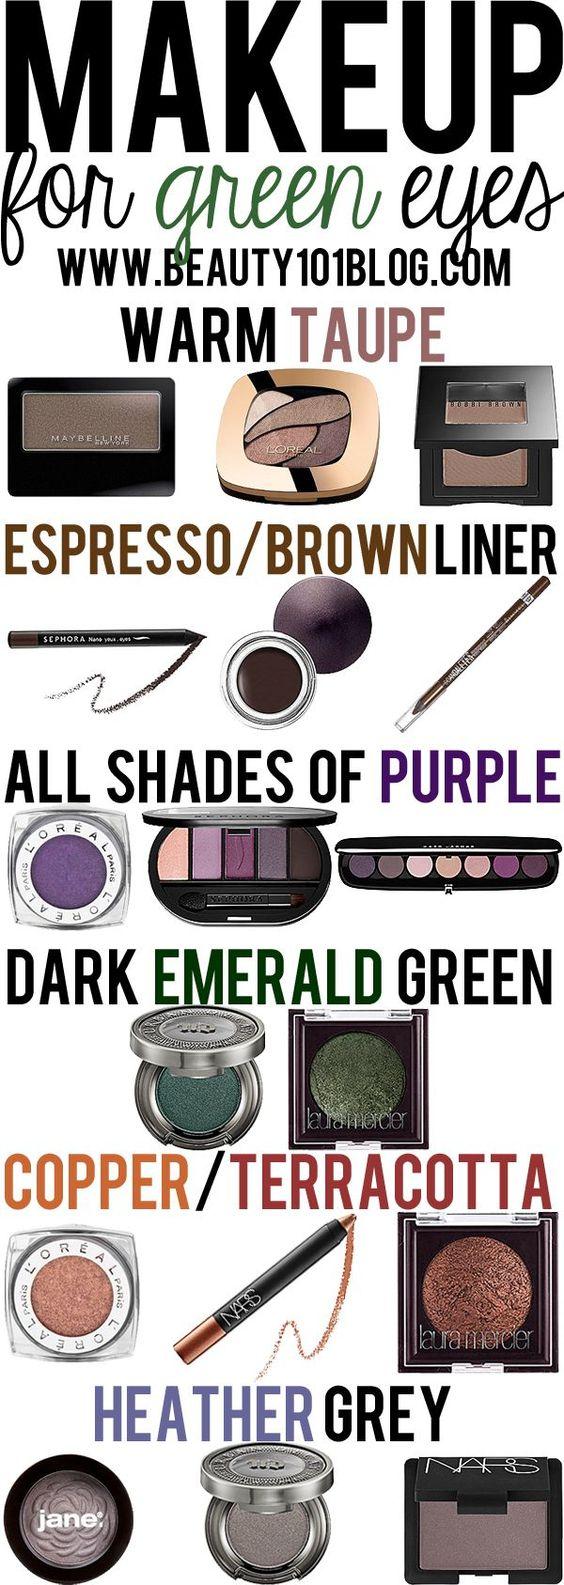 The Best Makeup for Green Eyes (via Bloglovin.com )